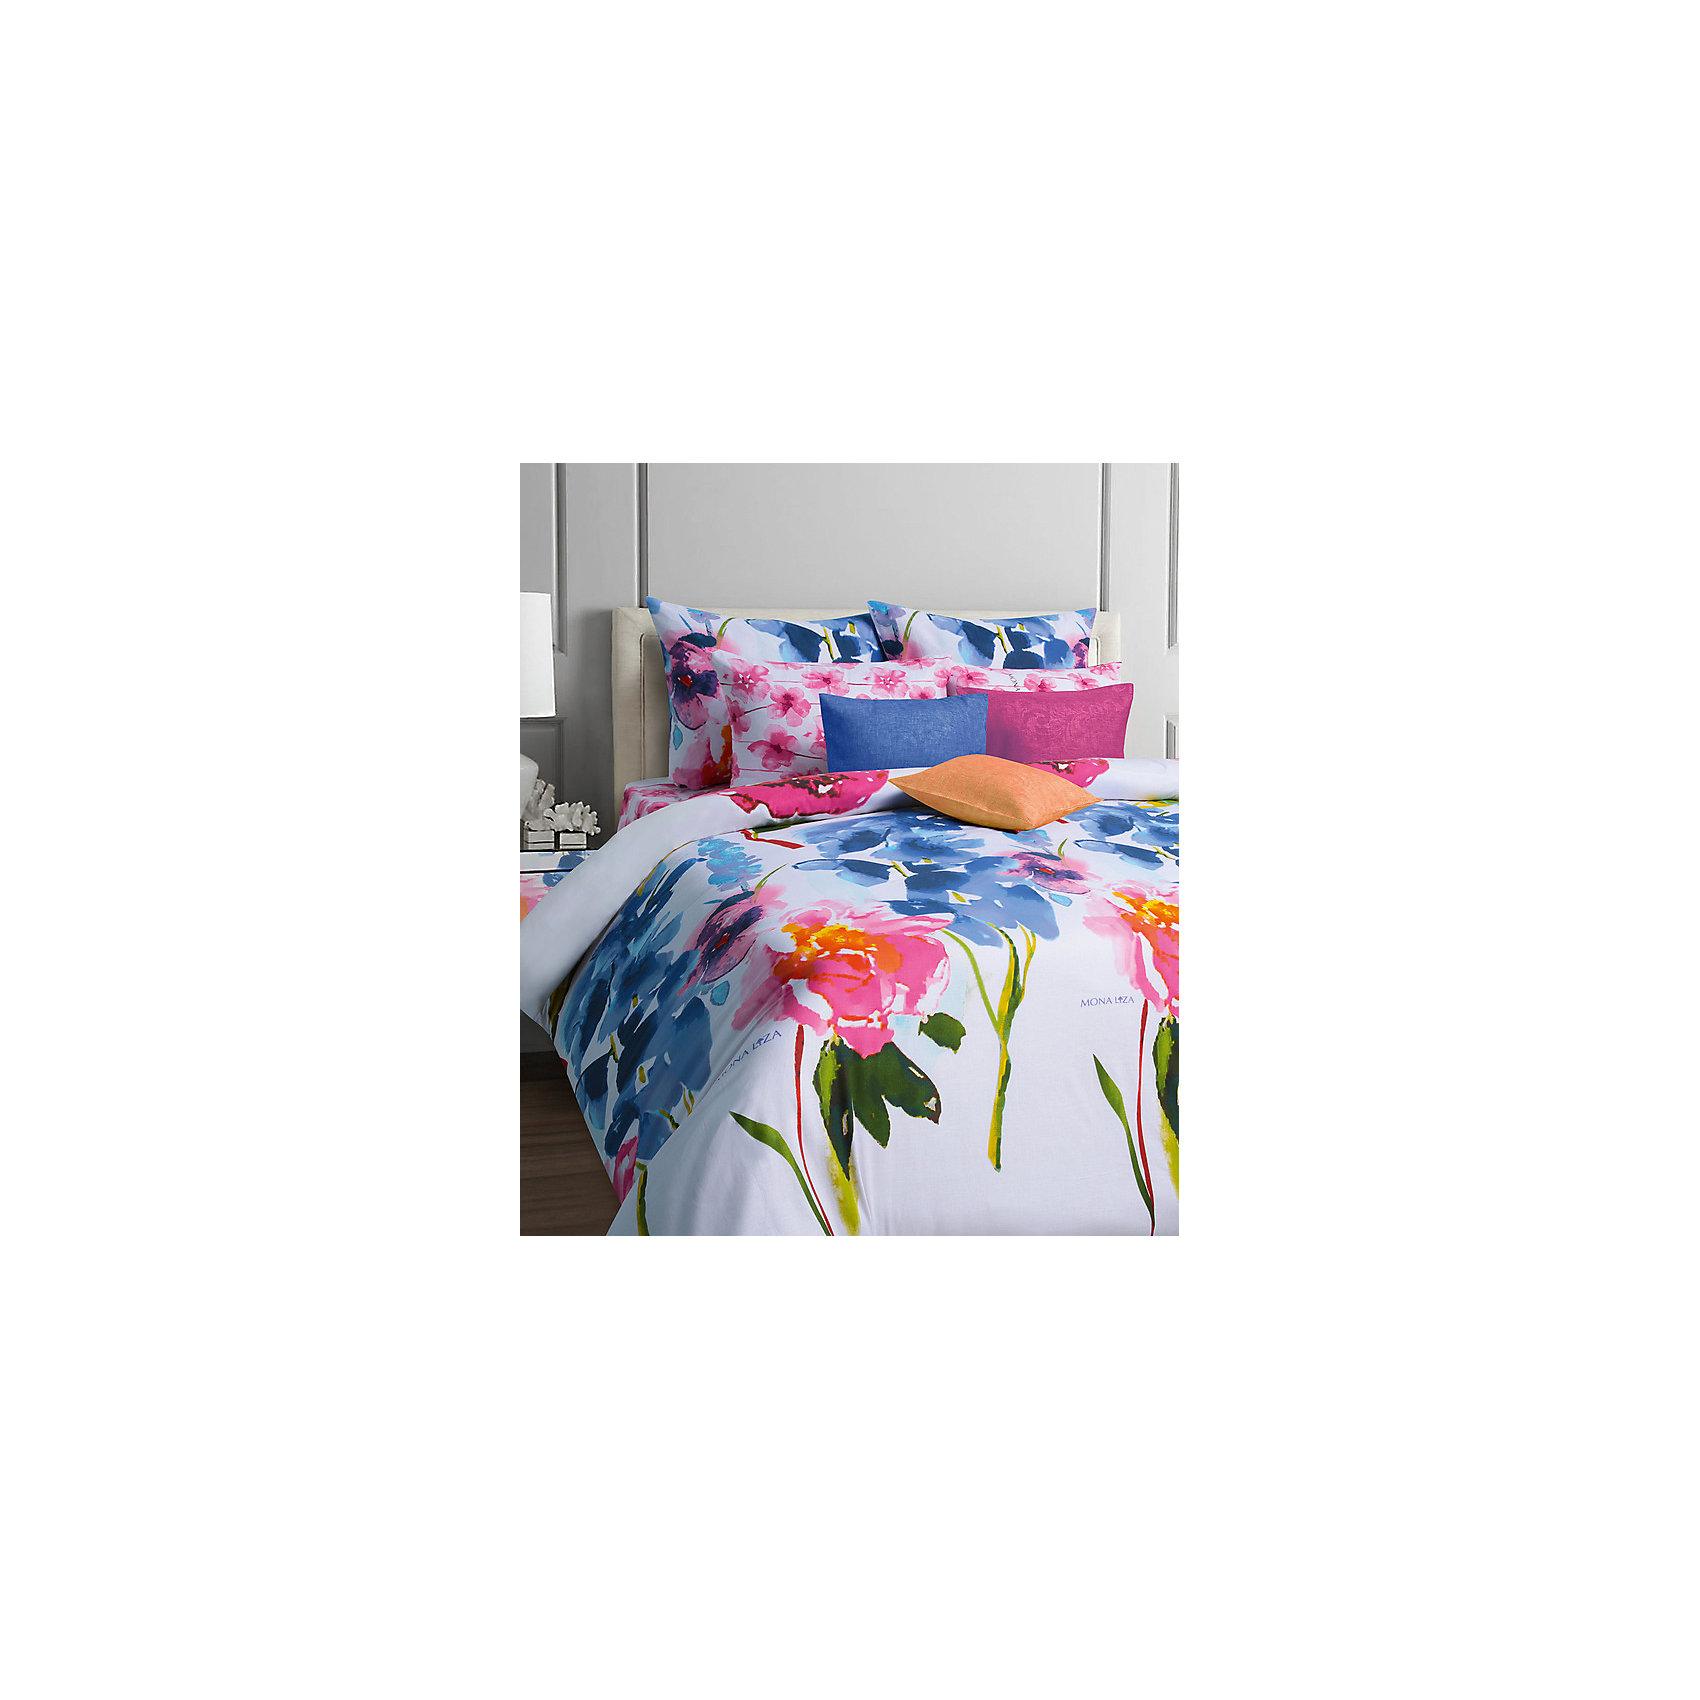 Постельное белье Palitra, 2-спальный, 50*70, Mona LizaДомашний текстиль<br>Характеристики:<br><br>• Вид домашнего текстиля: постельное белье<br>• Тип постельного белья по размерам: 2сп<br>• Серия: Mona Liza Classic<br>• Сезон: круглый год<br>• Материал: бязь <br>• Цвет: розовый, белый, голубой, зеленый<br>• Комплектация: <br> пододеяльник на пуговицах – 1 шт. 175*210 см <br> простынь – 1 шт. 215*240 см<br> наволочки – 2 шт. (50*70 см)<br>• Тип упаковки: книжка <br>• Вес в упаковке: 1 кг 970 г<br>• Особенности ухода: машинная стирка при температуре 30 градусов<br><br>Постельное белье 2сп Palitra 70*70, Mona Liza изготовлено под отечественным торговым брендом, выпускающим постельное белье из натуральных тканей. Комплект выполнен из 100 % бязи, отличающейся высокими характеристиками не только прочности самого полотна, но и устойчивости окраски, которая выполняется по особой технологии. Комплектсостоит из 4-х предметов. Постельное белье выполнено в стильном дизайне с рисунком из крупных цветов на белом фоне. <br>Постельное белье 2сп Palitra 50*70, Mona Liza – домашний текстиль, соответствующий международным стандартам качества и безопасности!<br><br>Постельное белье 2сп Palitra 50*70, Mona Liza можно купить в нашем интернет-магазине.<br><br>Ширина мм: 290<br>Глубина мм: 80<br>Высота мм: 370<br>Вес г: 2300<br>Возраст от месяцев: 84<br>Возраст до месяцев: 1188<br>Пол: Женский<br>Возраст: Детский<br>SKU: 5165687